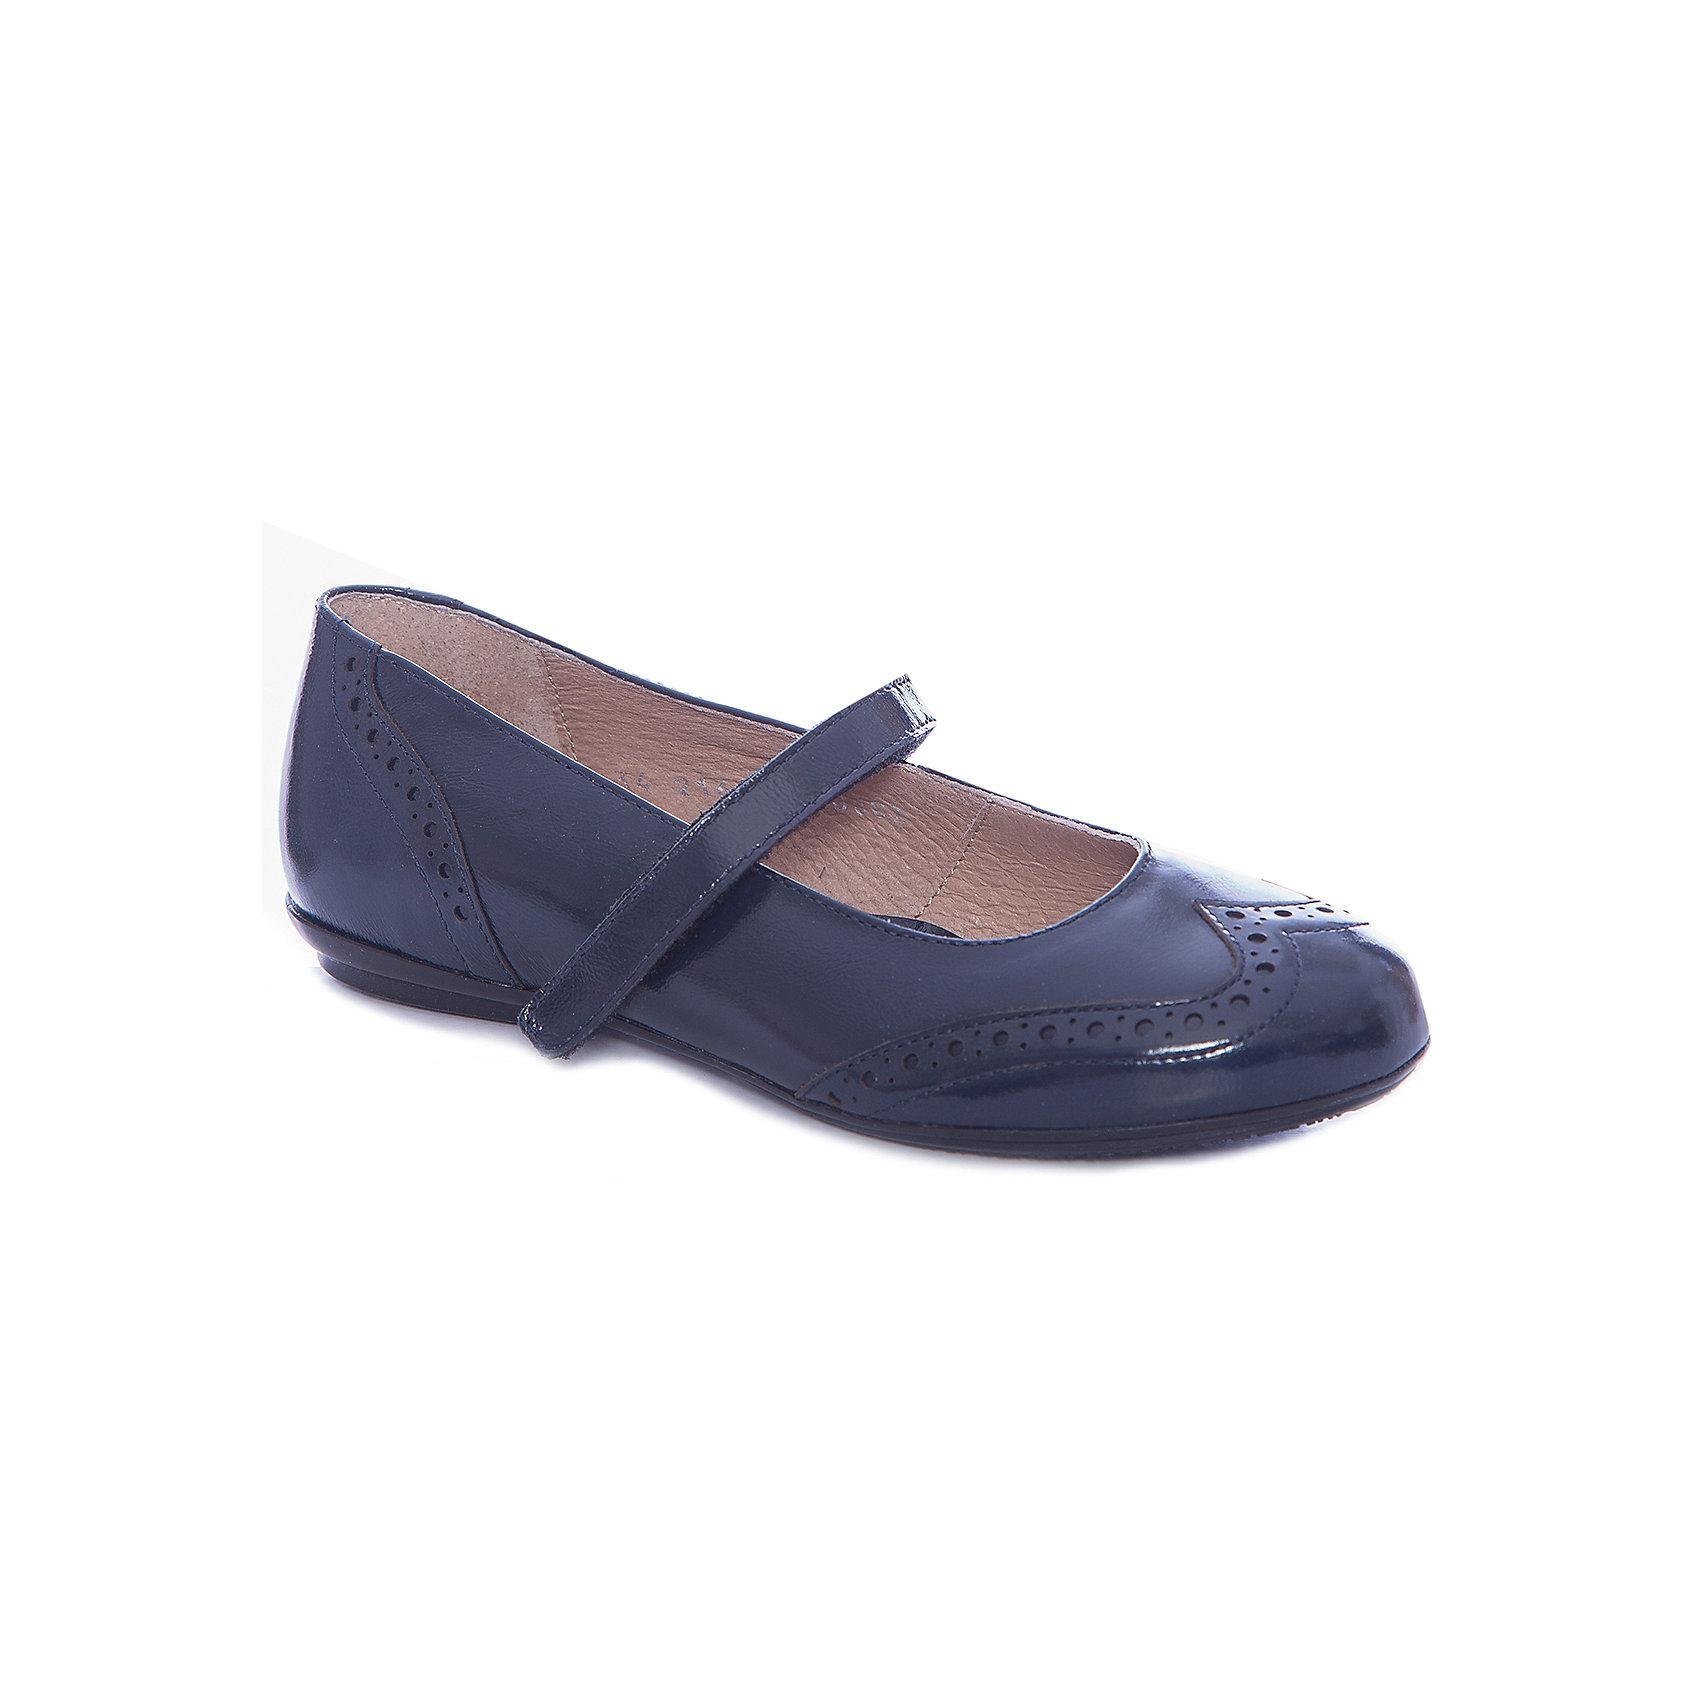 Туфли для девочки GulliverОбувь<br>Туфли для девочки от известного бренда Gulliver<br>Выбрать школьные туфли для девочек - задача не из простых! Они должны выглядеть стильно и соответствовать необходимым стандартам качества. Синие школьные туфли из натуральной лаковой кожи - то, что нужно! Удобные, красивые, практичные, они прекрасно выглядят, а значит, придутся ученице по вкусу. Туфли отлично завершат и повседневный, и нарядный образ школьницы, придав ему элегантность.<br>Состав: верх: кожа лак; подкладка: кожа; подошва: ТЭП<br><br>Ширина мм: 227<br>Глубина мм: 145<br>Высота мм: 124<br>Вес г: 325<br>Цвет: синий<br>Возраст от месяцев: 120<br>Возраст до месяцев: 132<br>Пол: Женский<br>Возраст: Детский<br>Размер: 34,33,32<br>SKU: 4767330